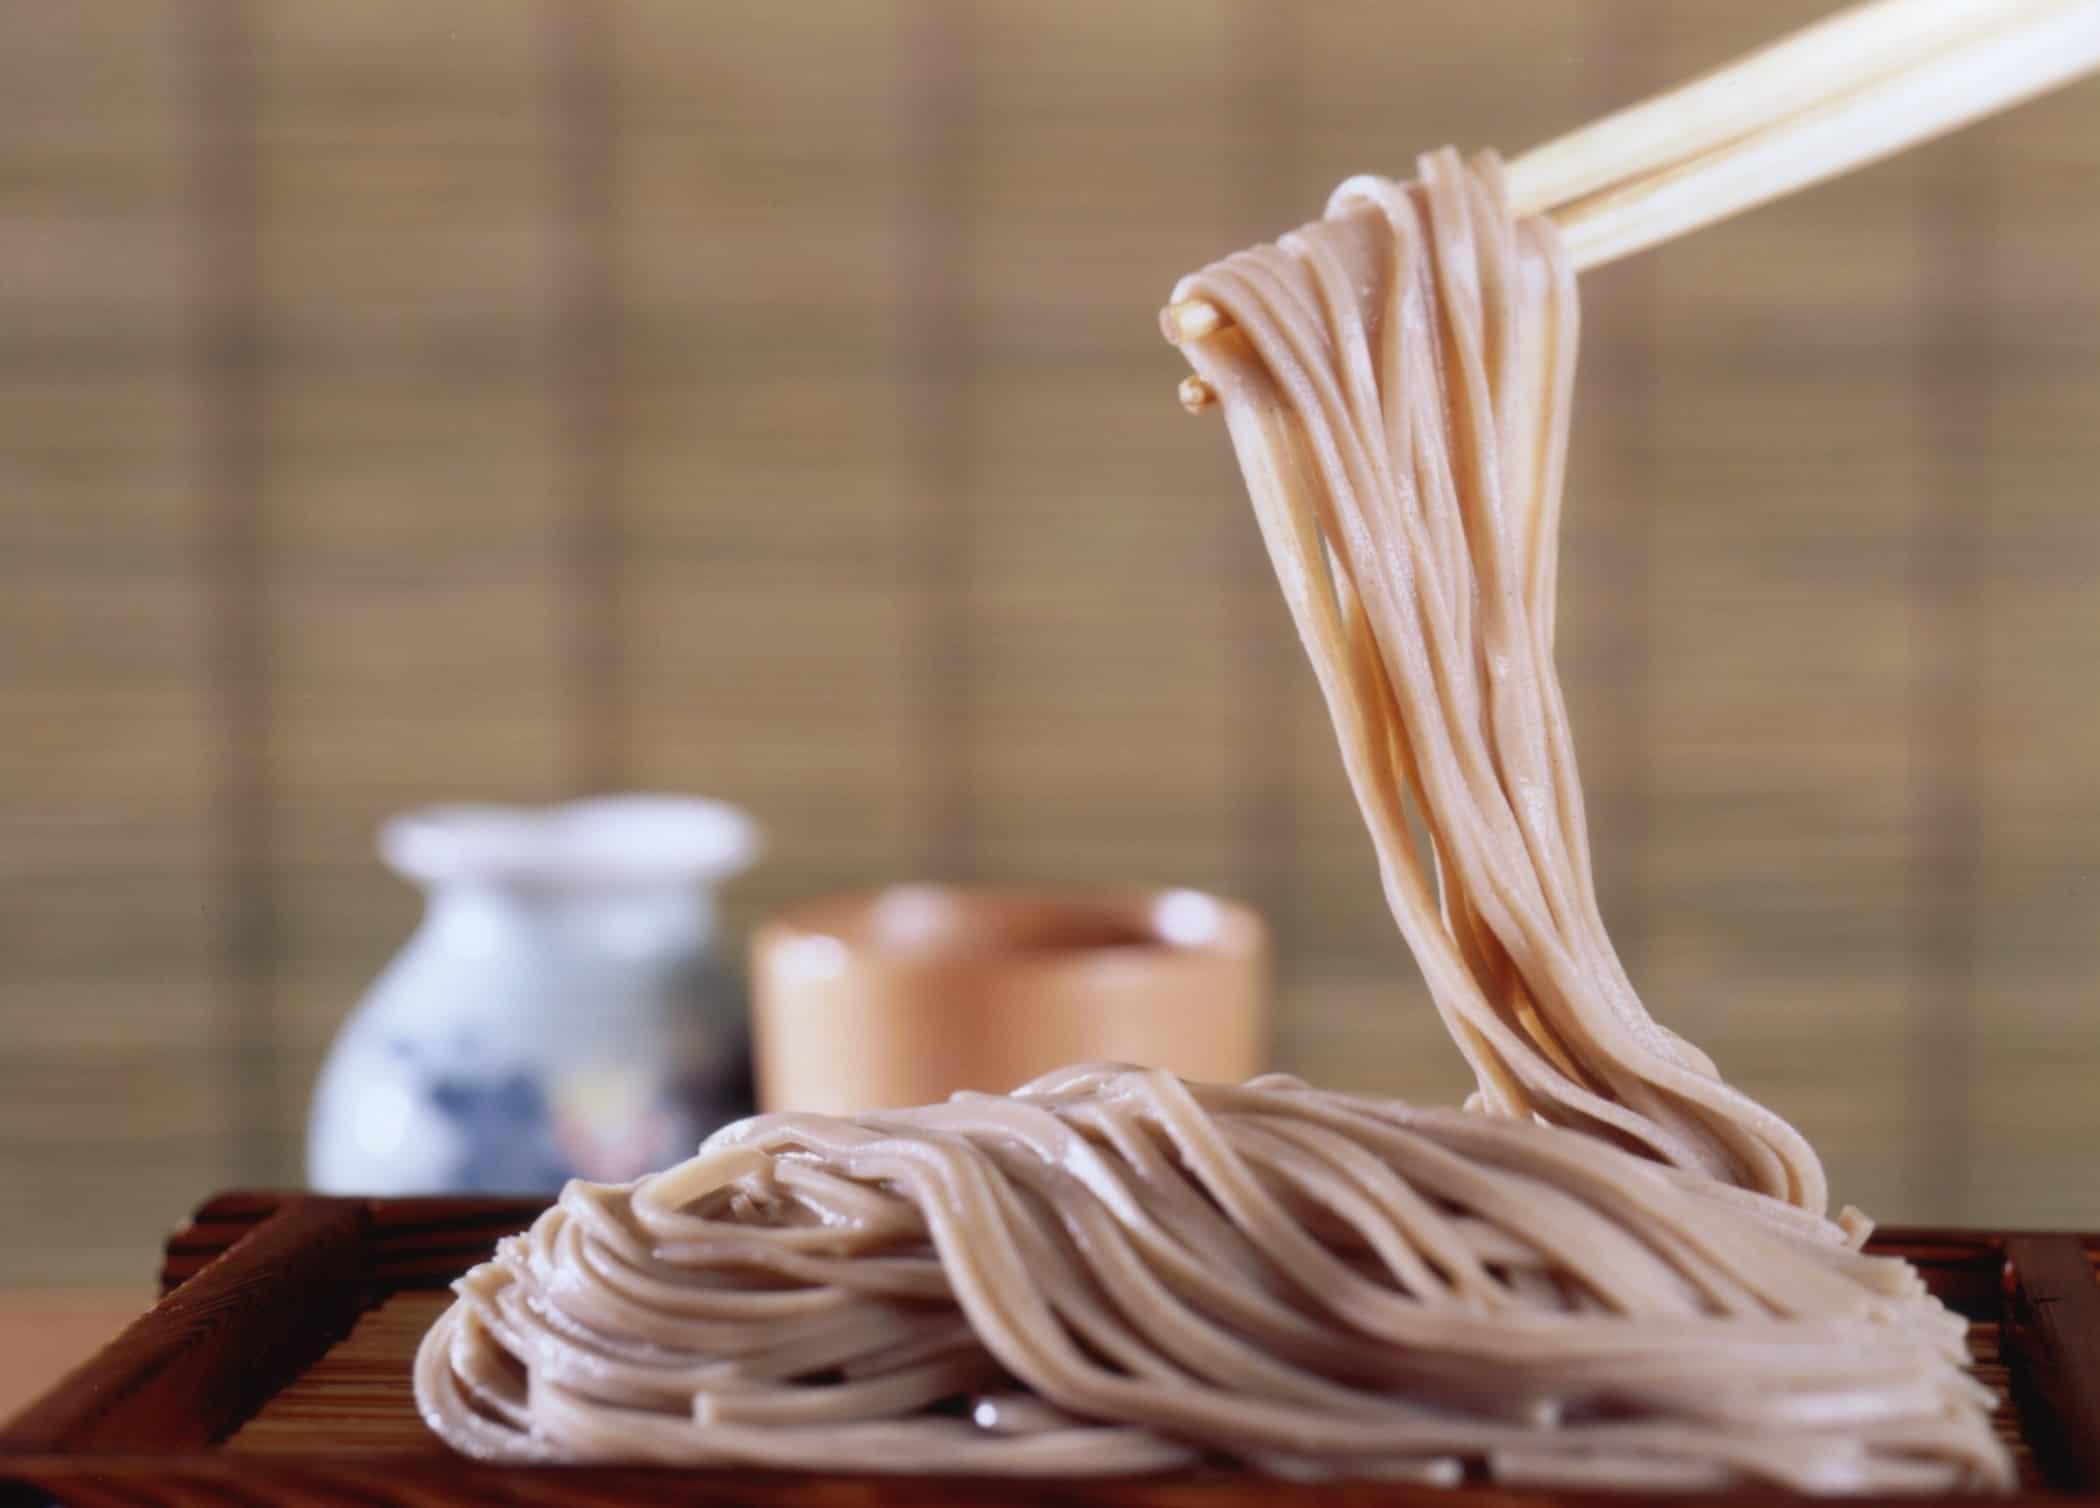 ชินชูโซบะ อาหารที่ว่ากันว่าช่วยให้ชาวเมืองนากาโน่อายุยืน